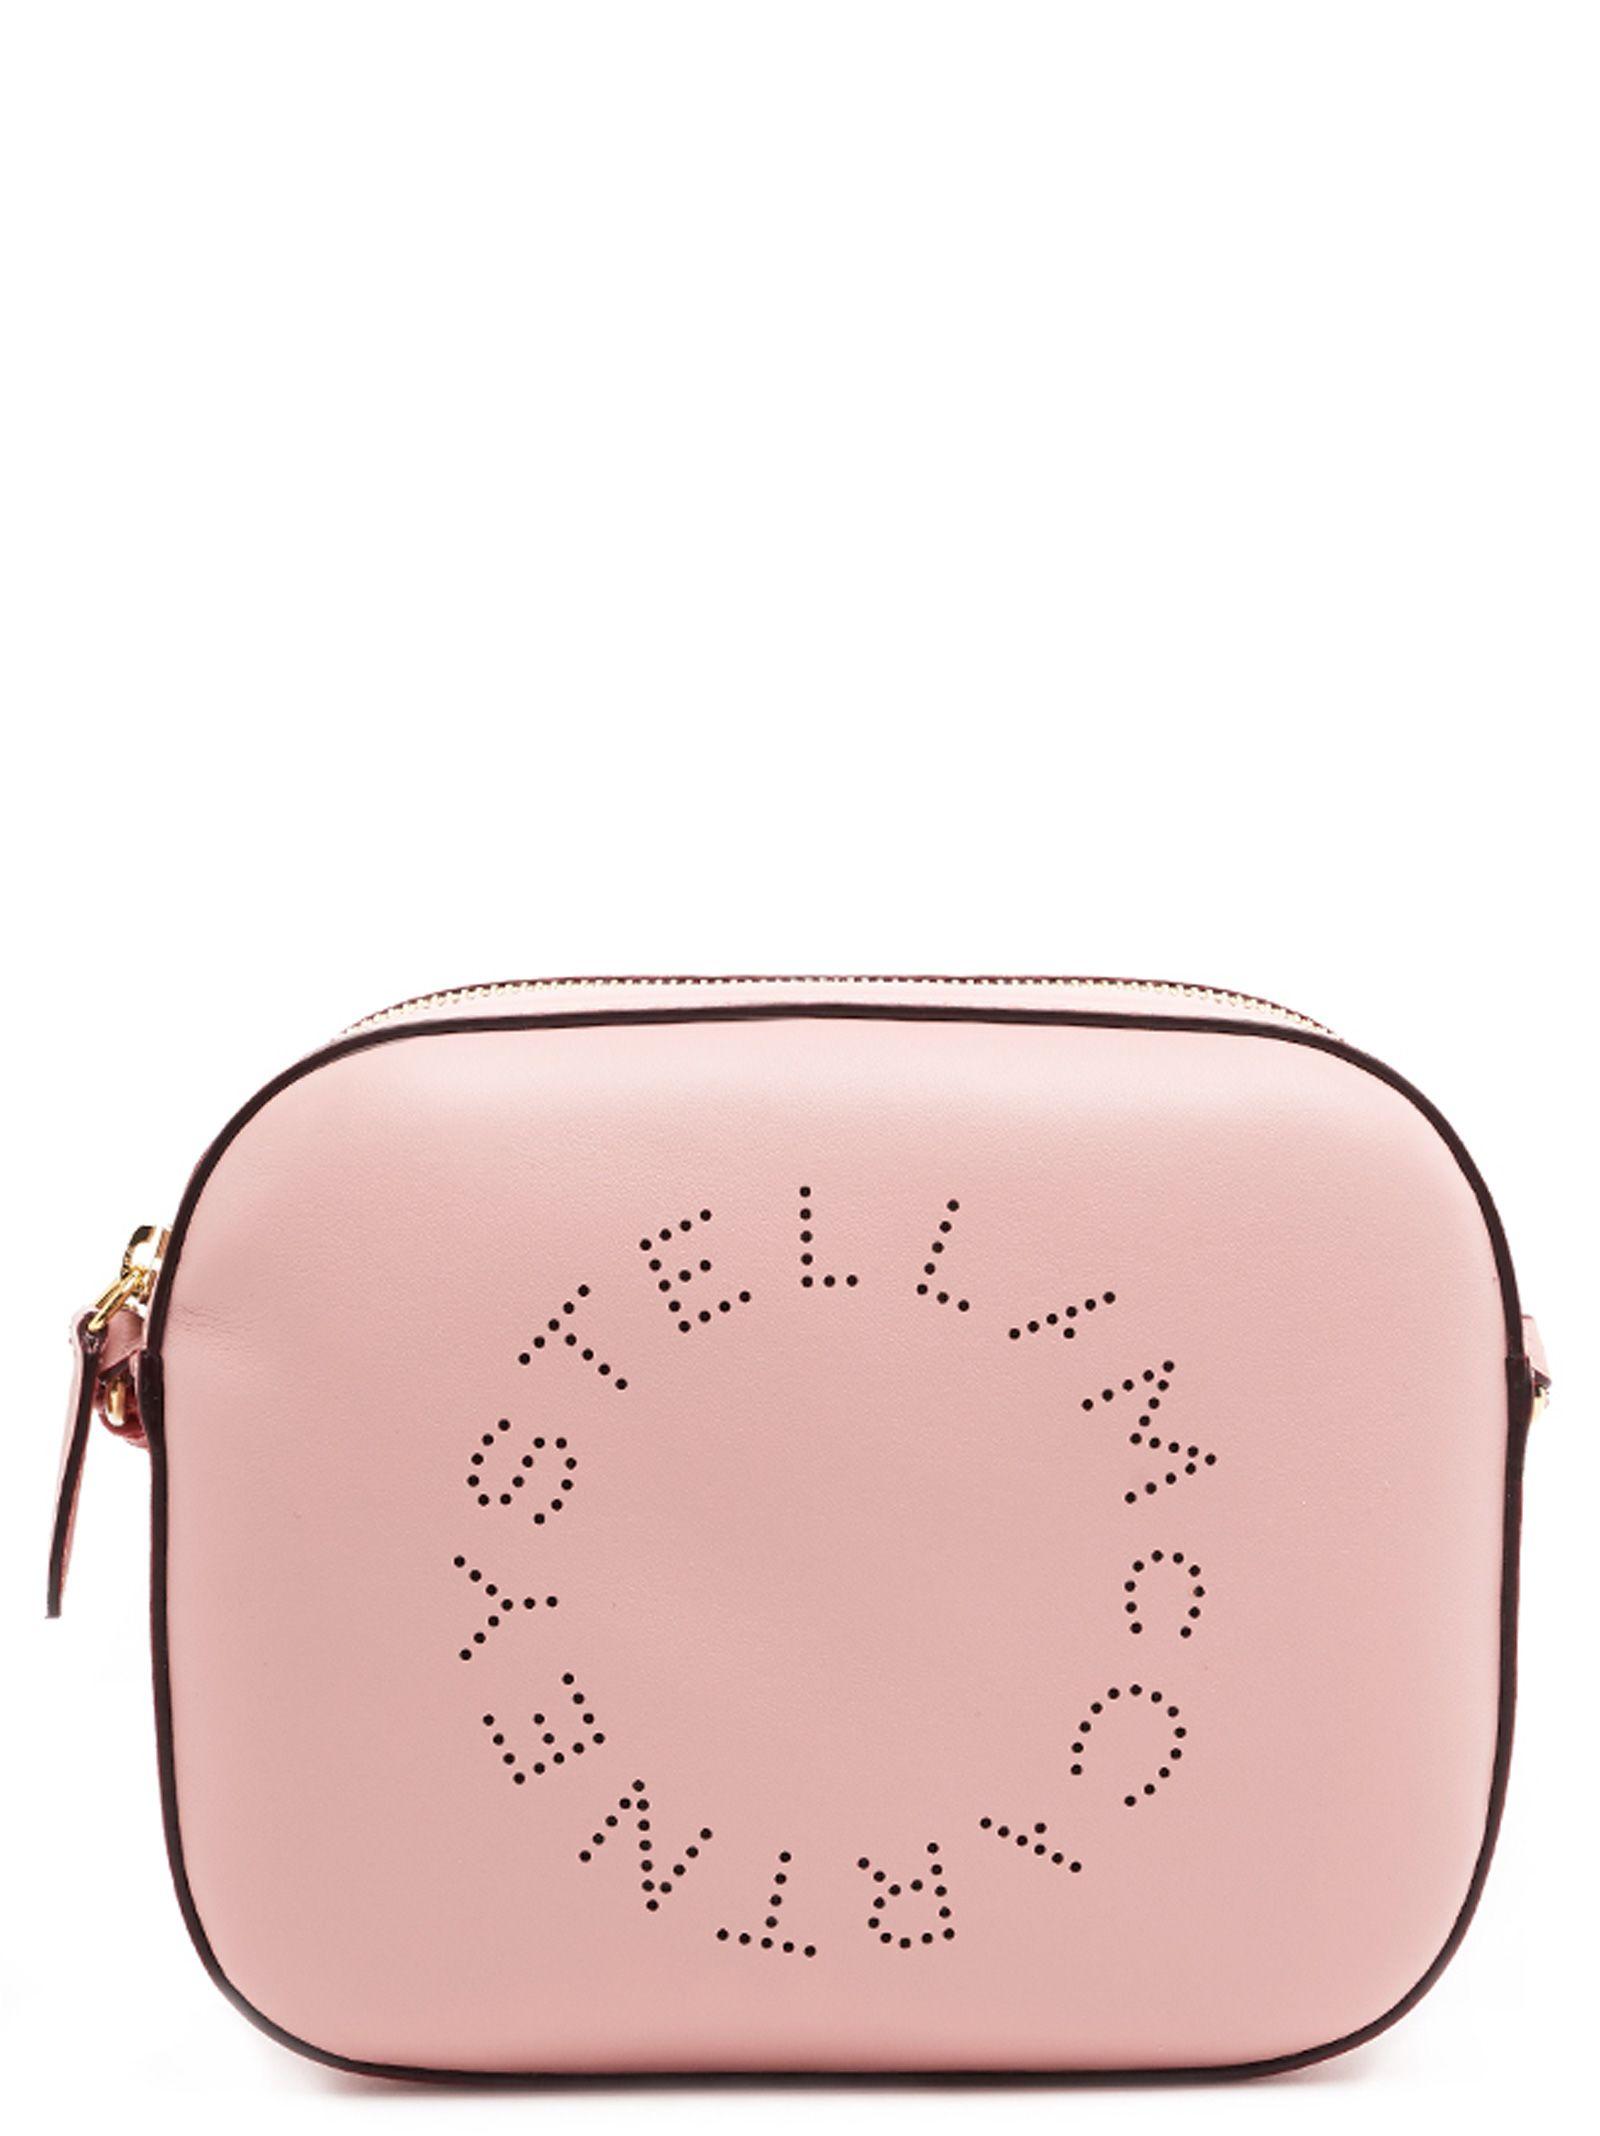 b4b17da438a1 Stella McCartney Stella Mccartney  stella Logo  Bag - Pink ...